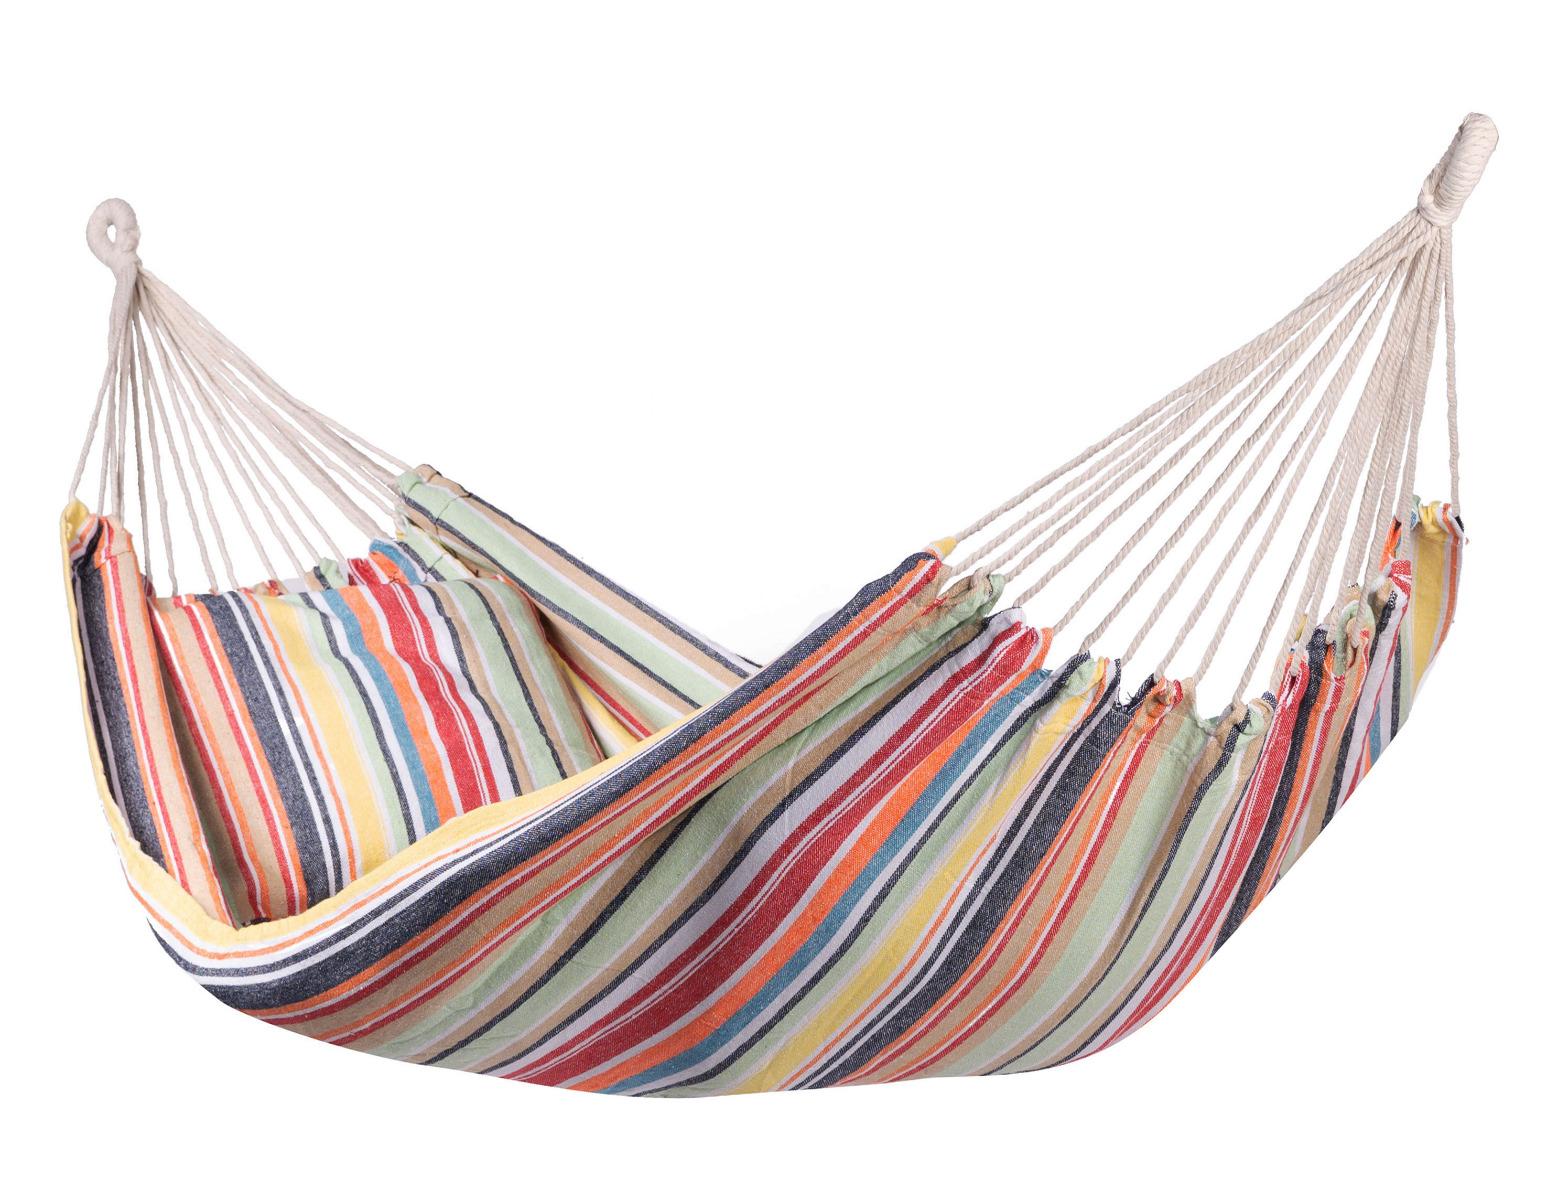 'Minorca' Single E�npersoons Hangmat - Veelkleurig - 123 Hammock